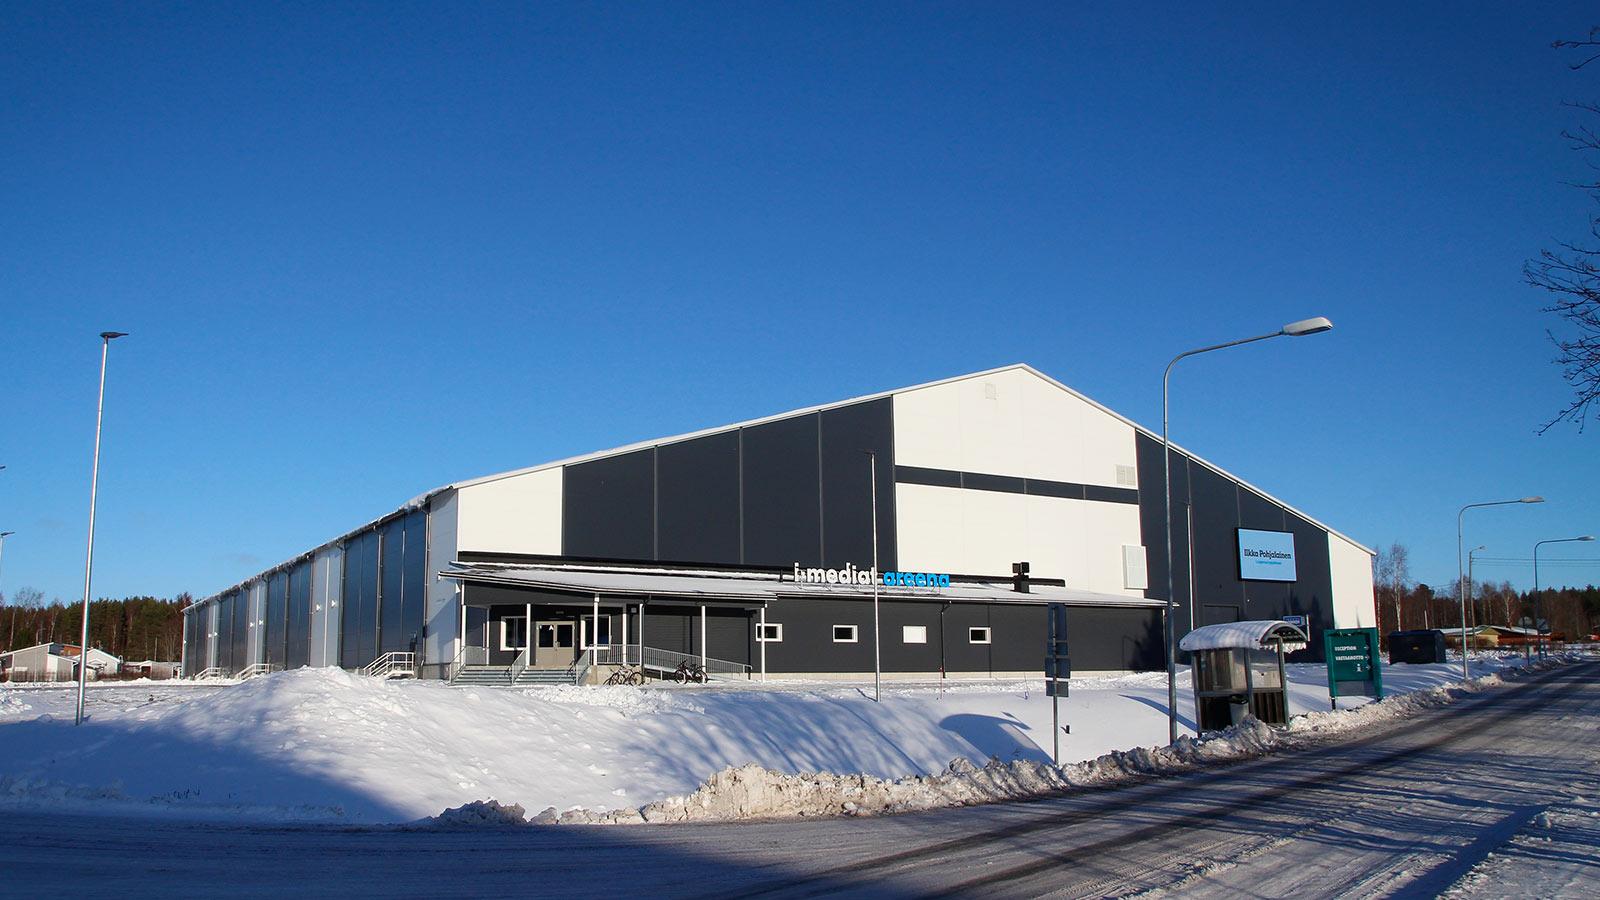 Monitoimihallit, katsomot ja stadionit rakentaa Trutec Oy. Tunnemme urheilu- ja liikuntatilarakentamisen erityispiirteet aina pienistä palloiluhalleista jalkapallostadioneihin saakka. Kuva: I-mediat -areena, Kuortaneen Urheiluopisto